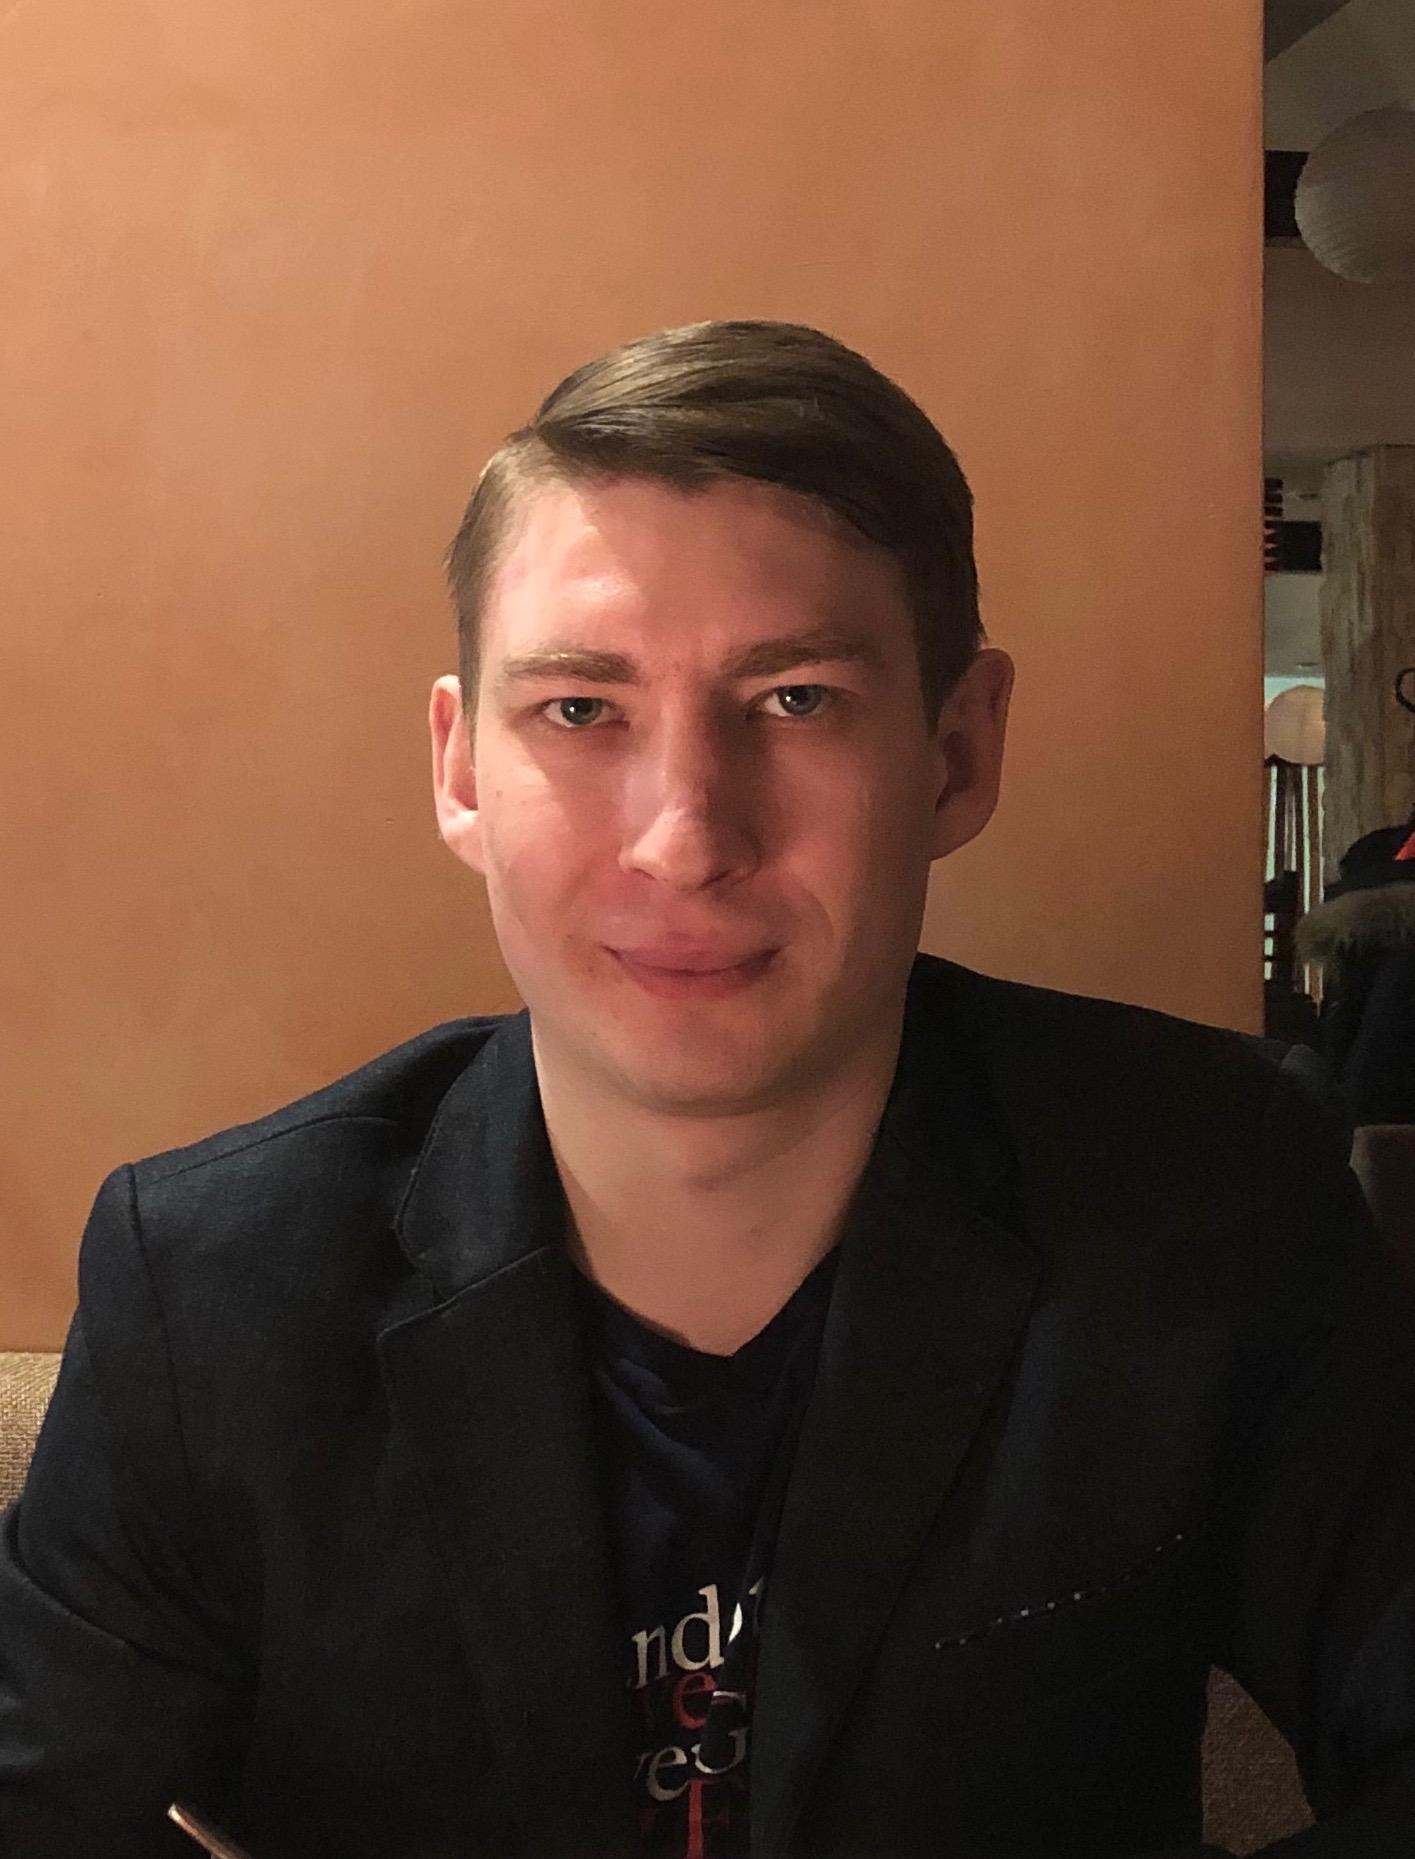 Сергей Марченко. Психолог, консультант